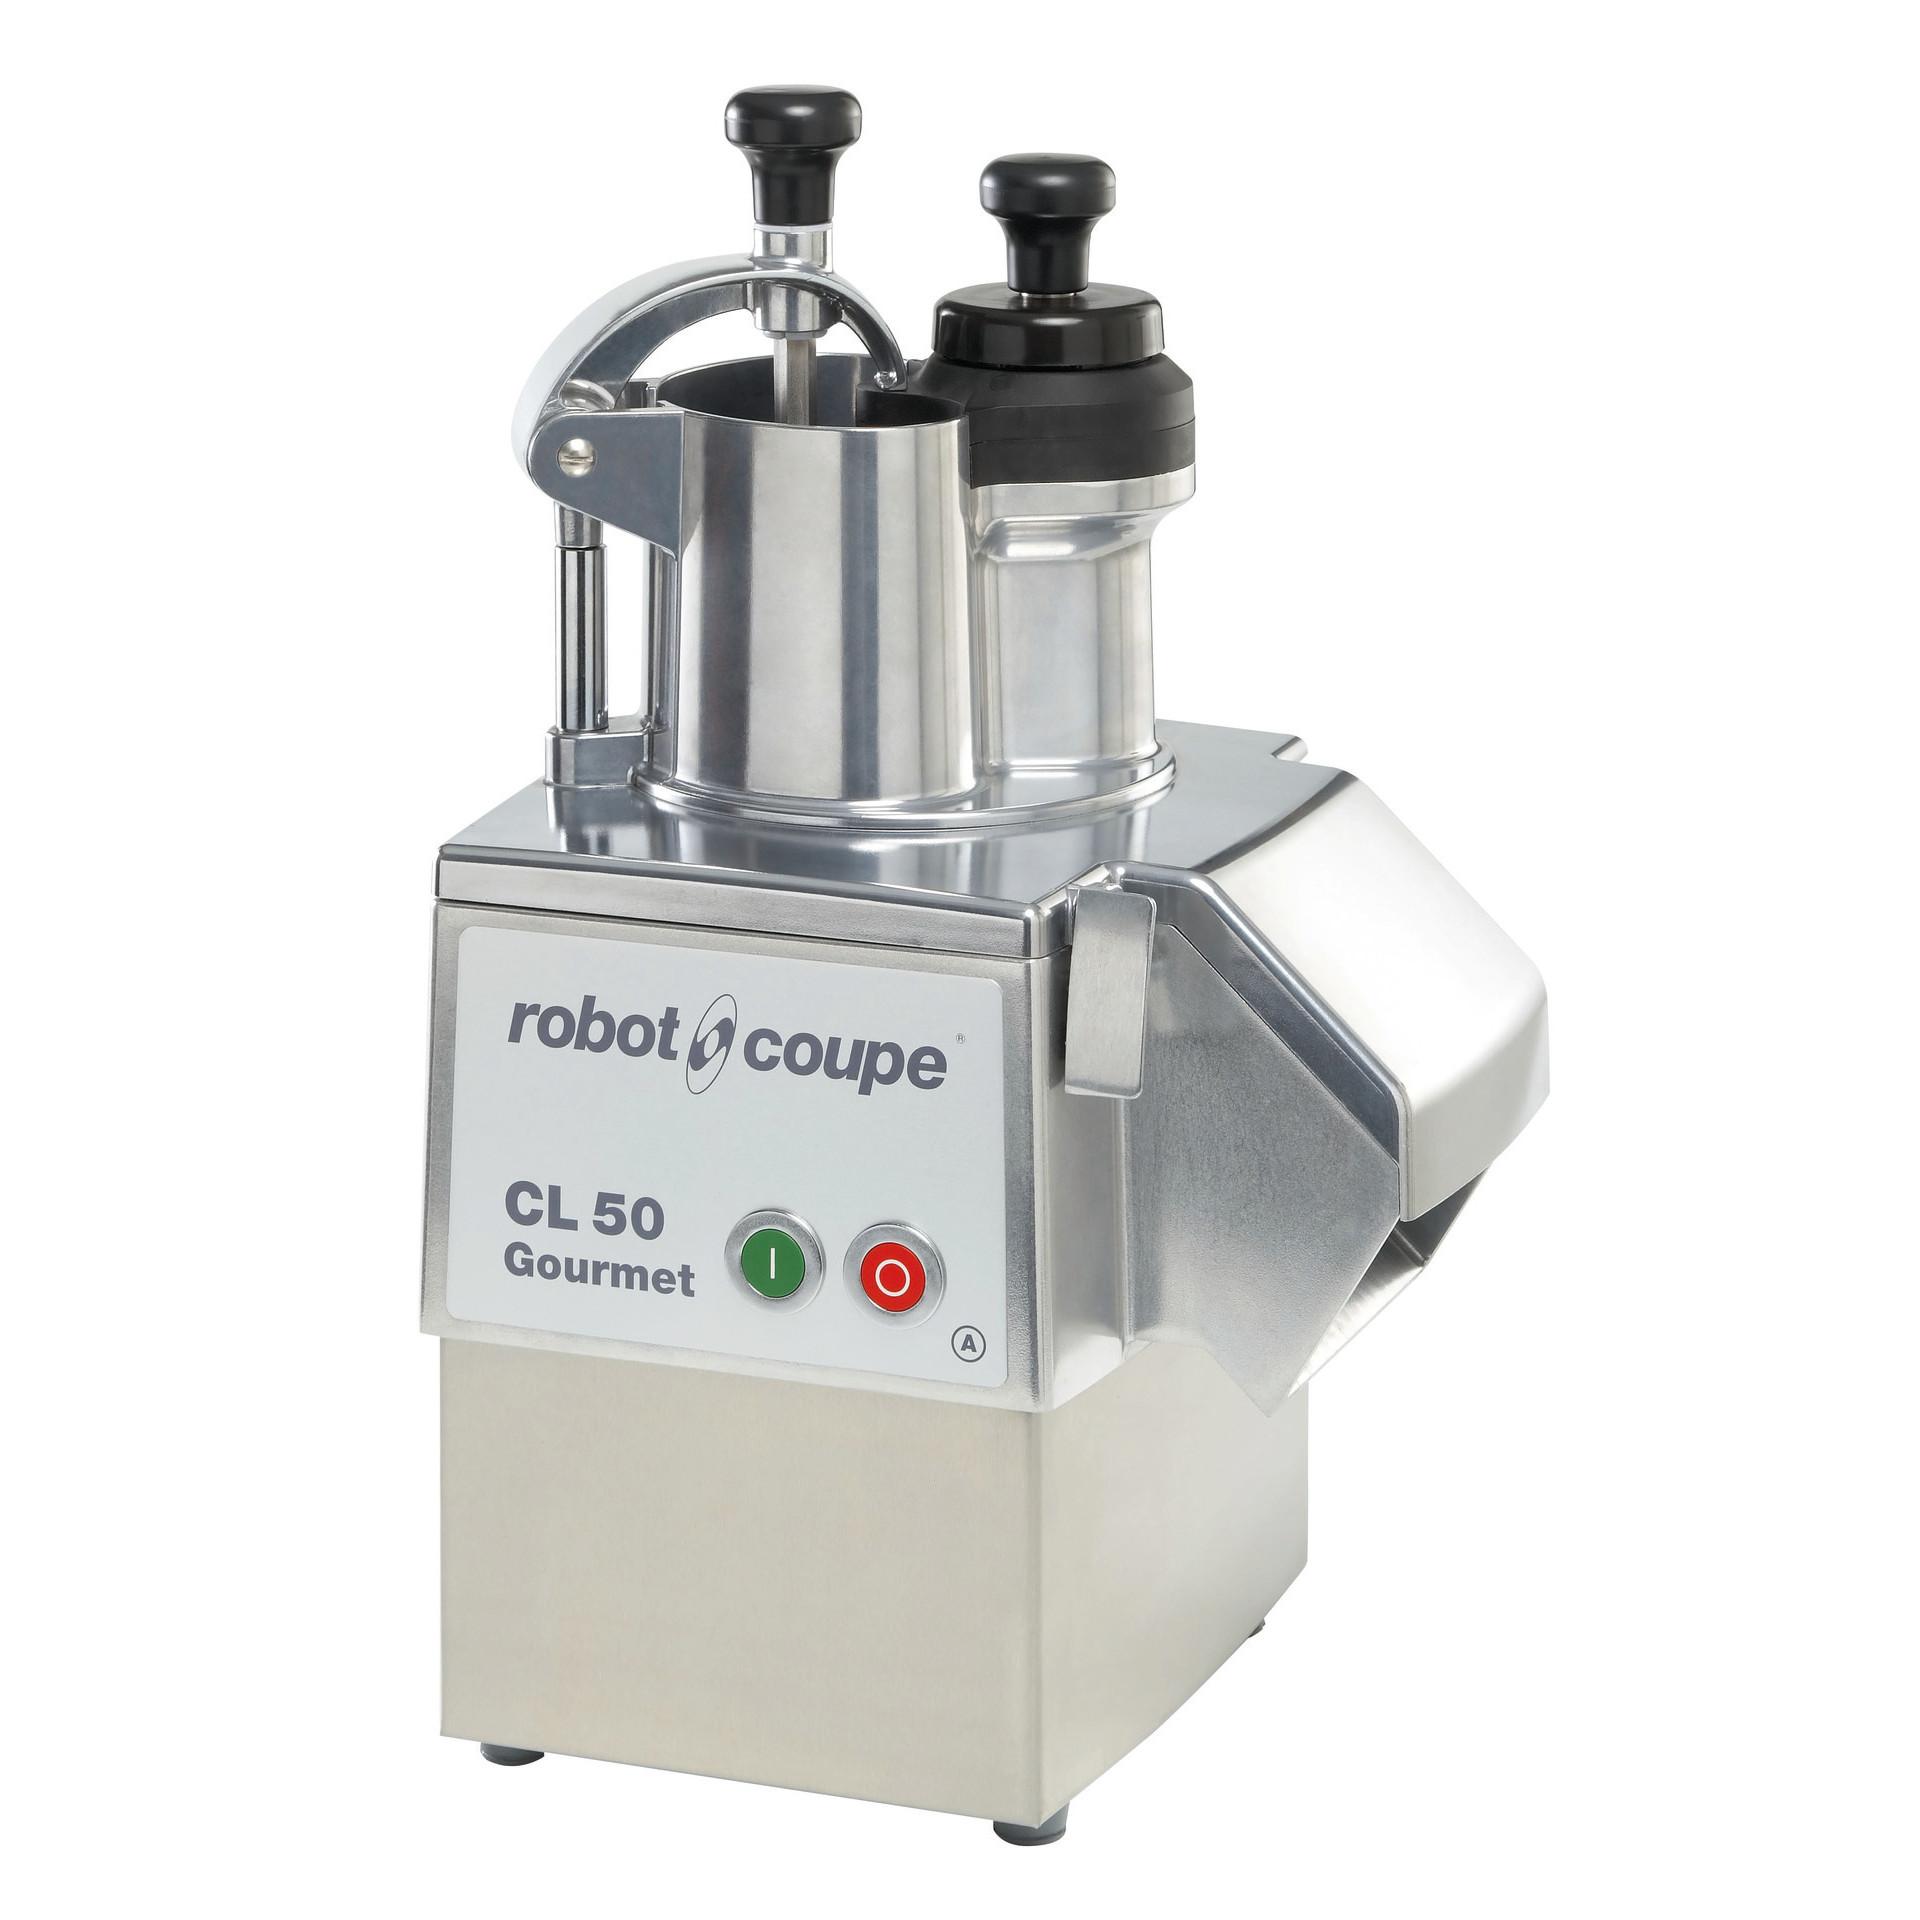 Gemüseschneidemaschine CL 50 Gourmet / 230 V / 0,550 kW